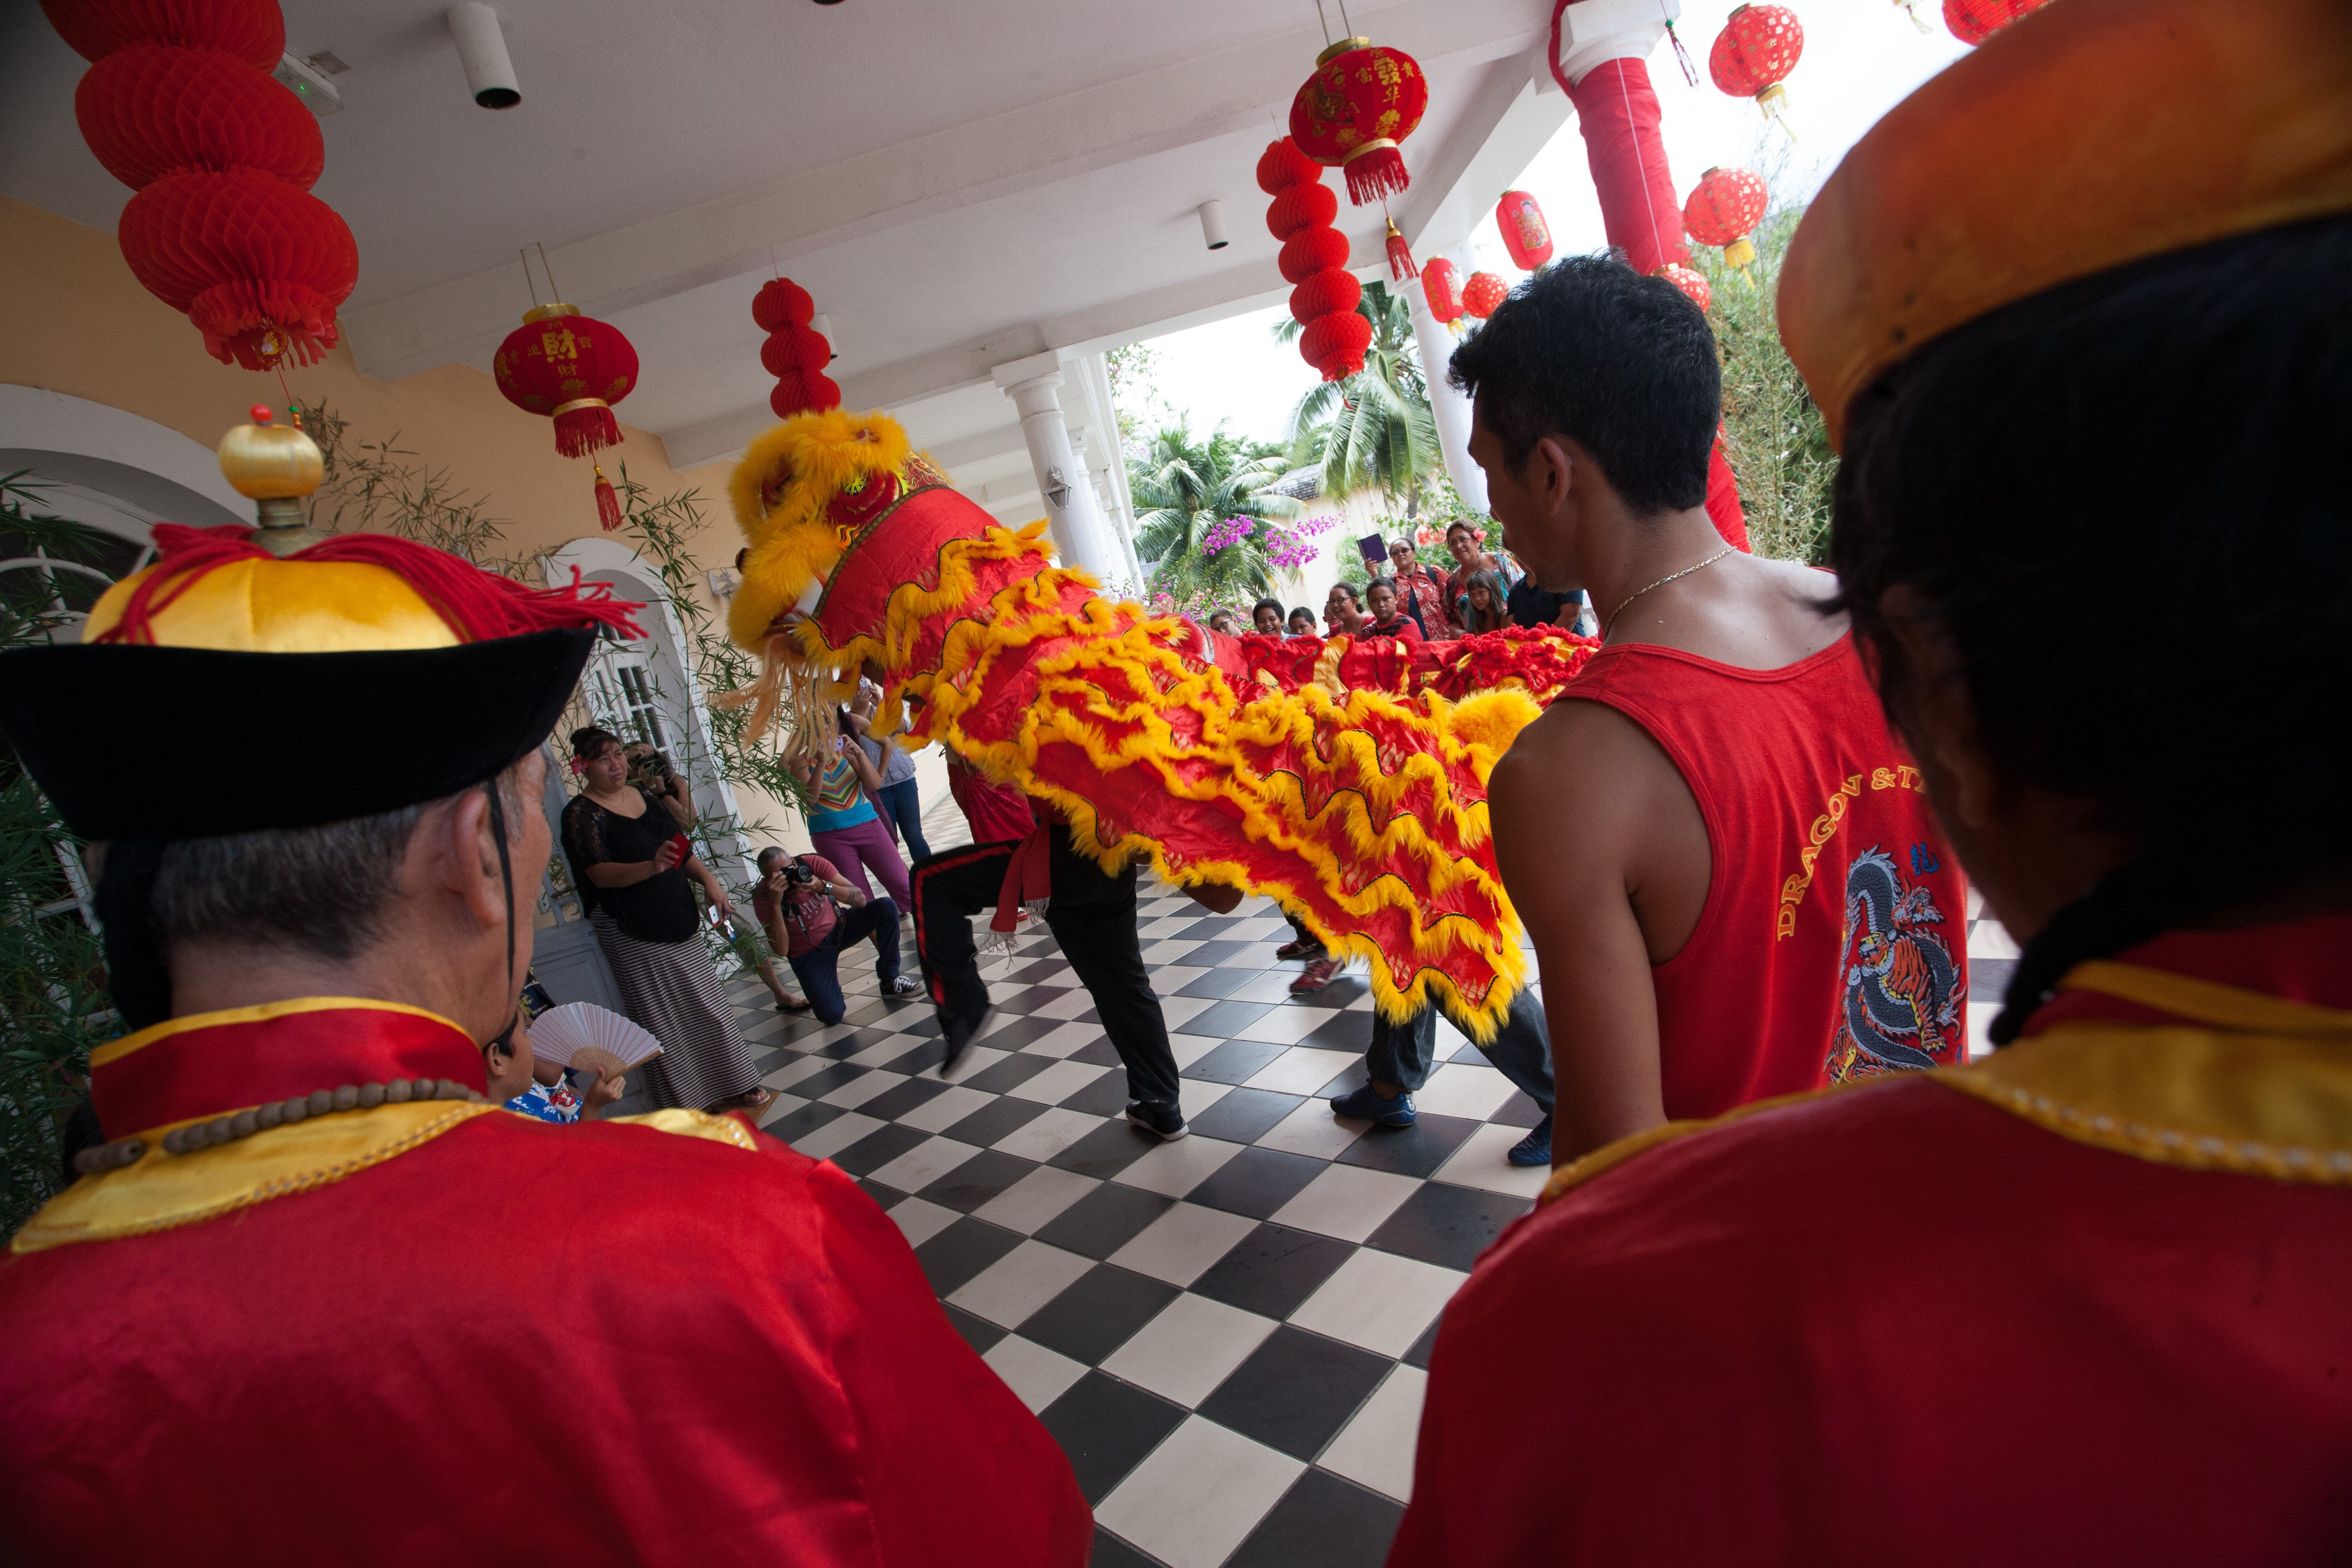 La journée culturelle est l'occasion pour le grand public de découvrir les traditions de la communauté chinoise. (Photo : Greg Boissy)